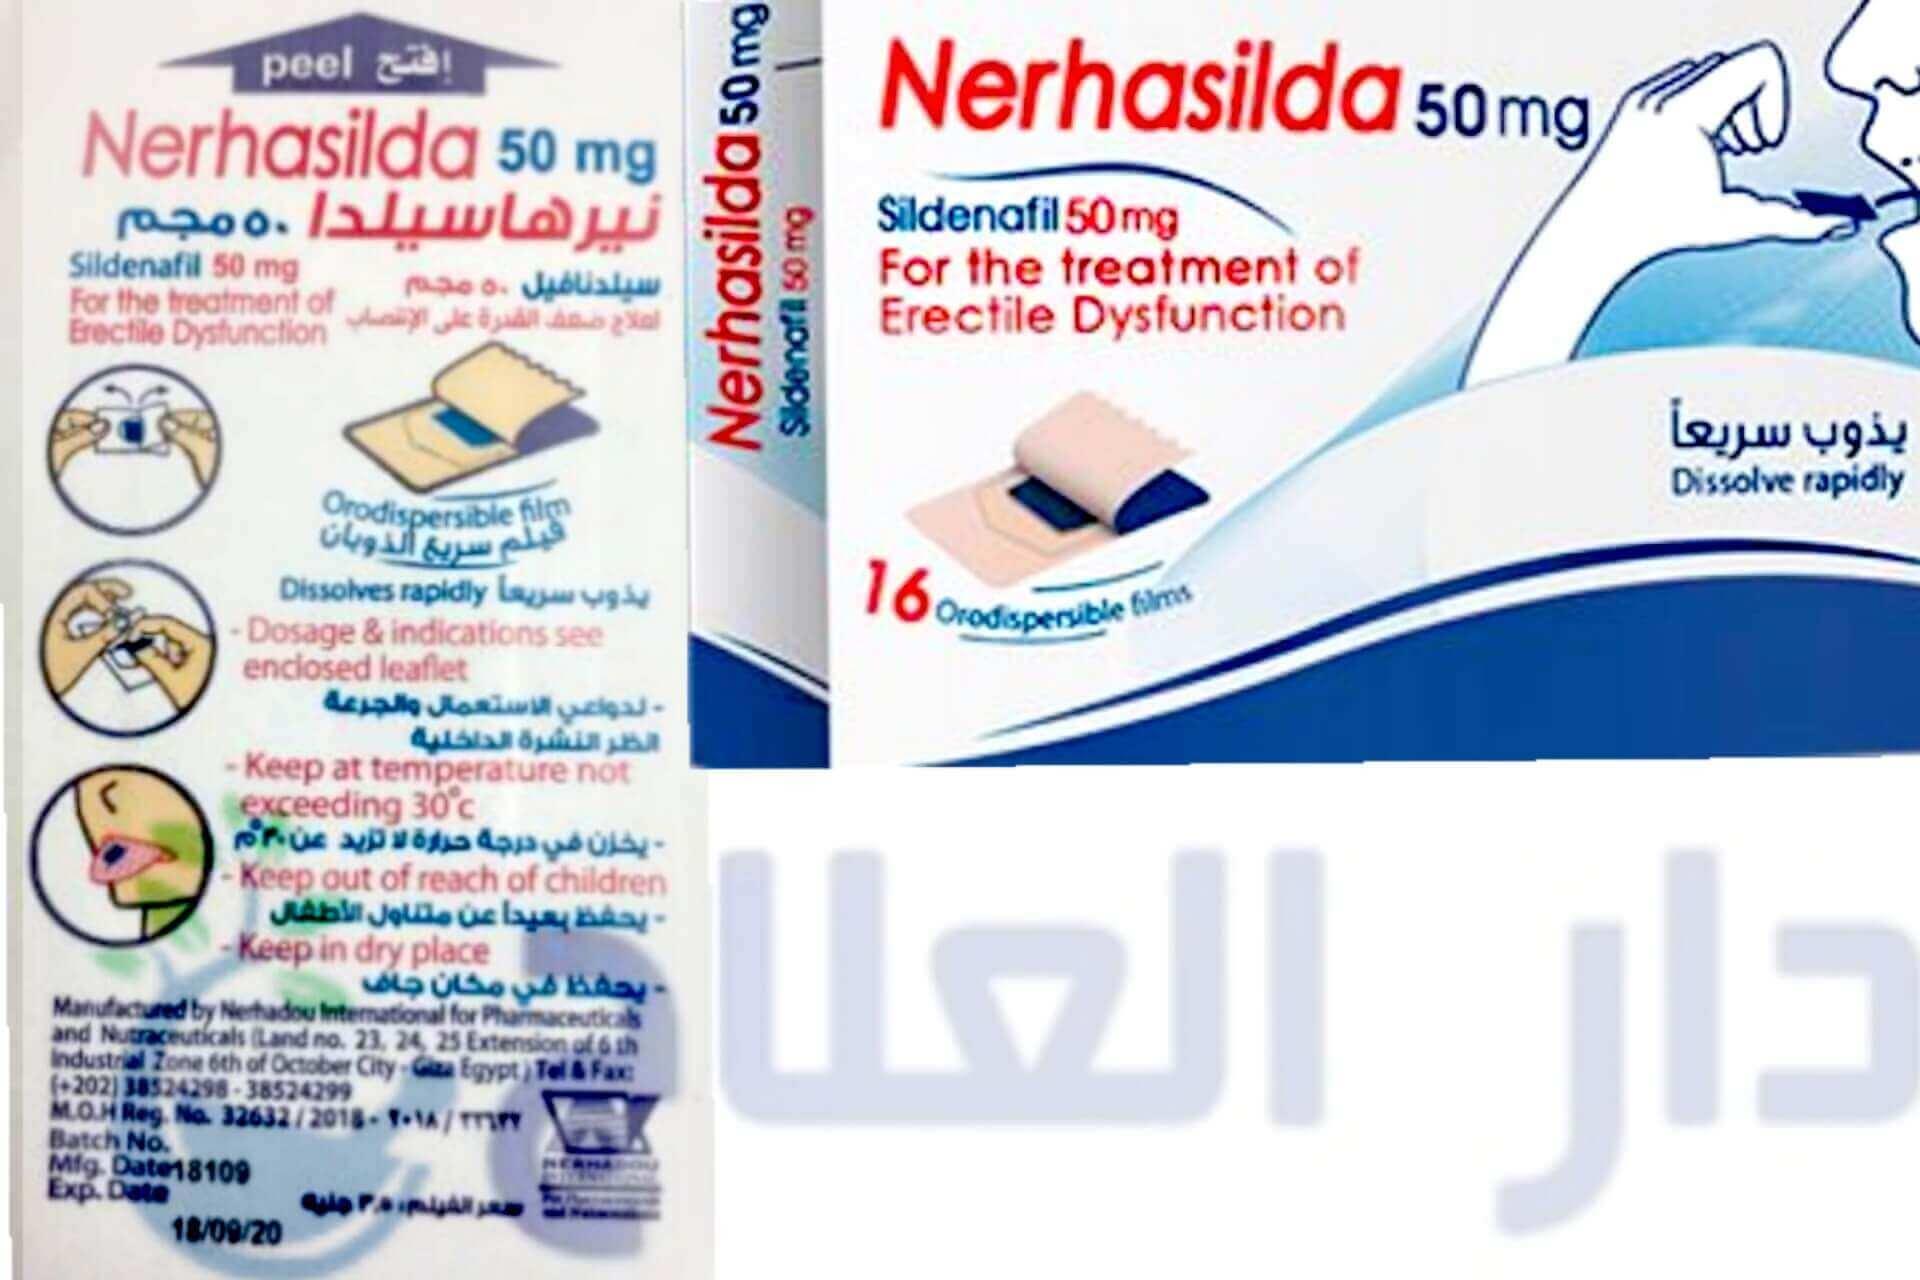 نيرهاسيلدا - نيرهاسيلدا 50 - نيرهاسيلدا 50 مجم - دواء نيرهاسيلدا - نيرهاسيلدا لعلاج ضعف الانتصاب - nerhasilda